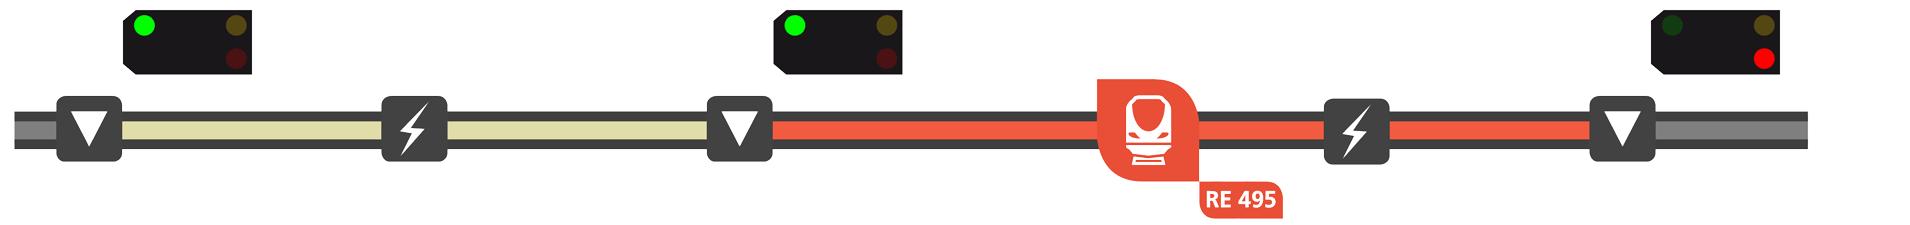 Visualisierung der ALAN Blocksignalisierung - Bild 08 von 18